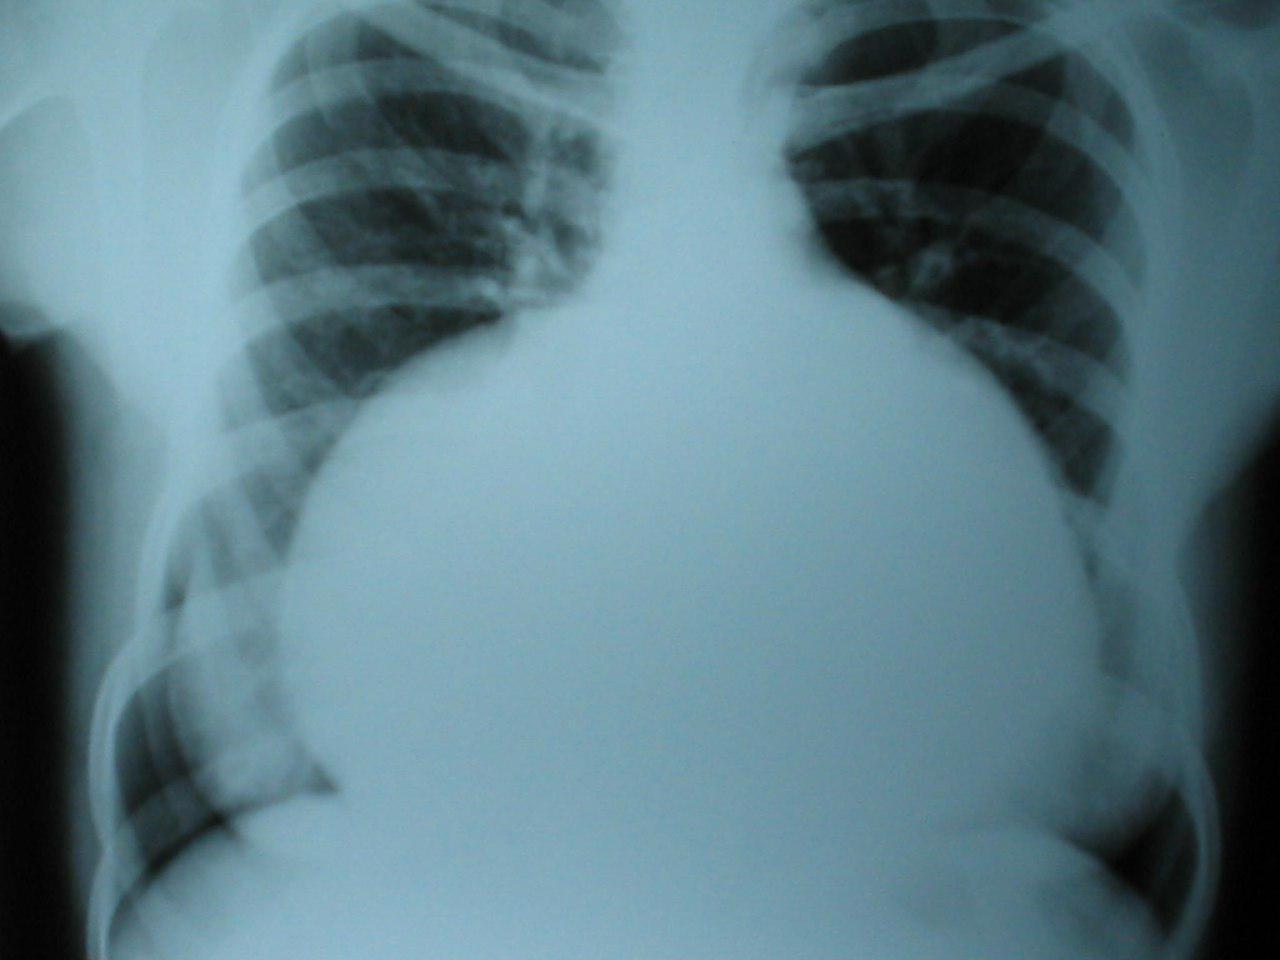 Paciente con reemplazo valvular mitral con severa insuficiencia protésica e insuficiencia tricuspídea